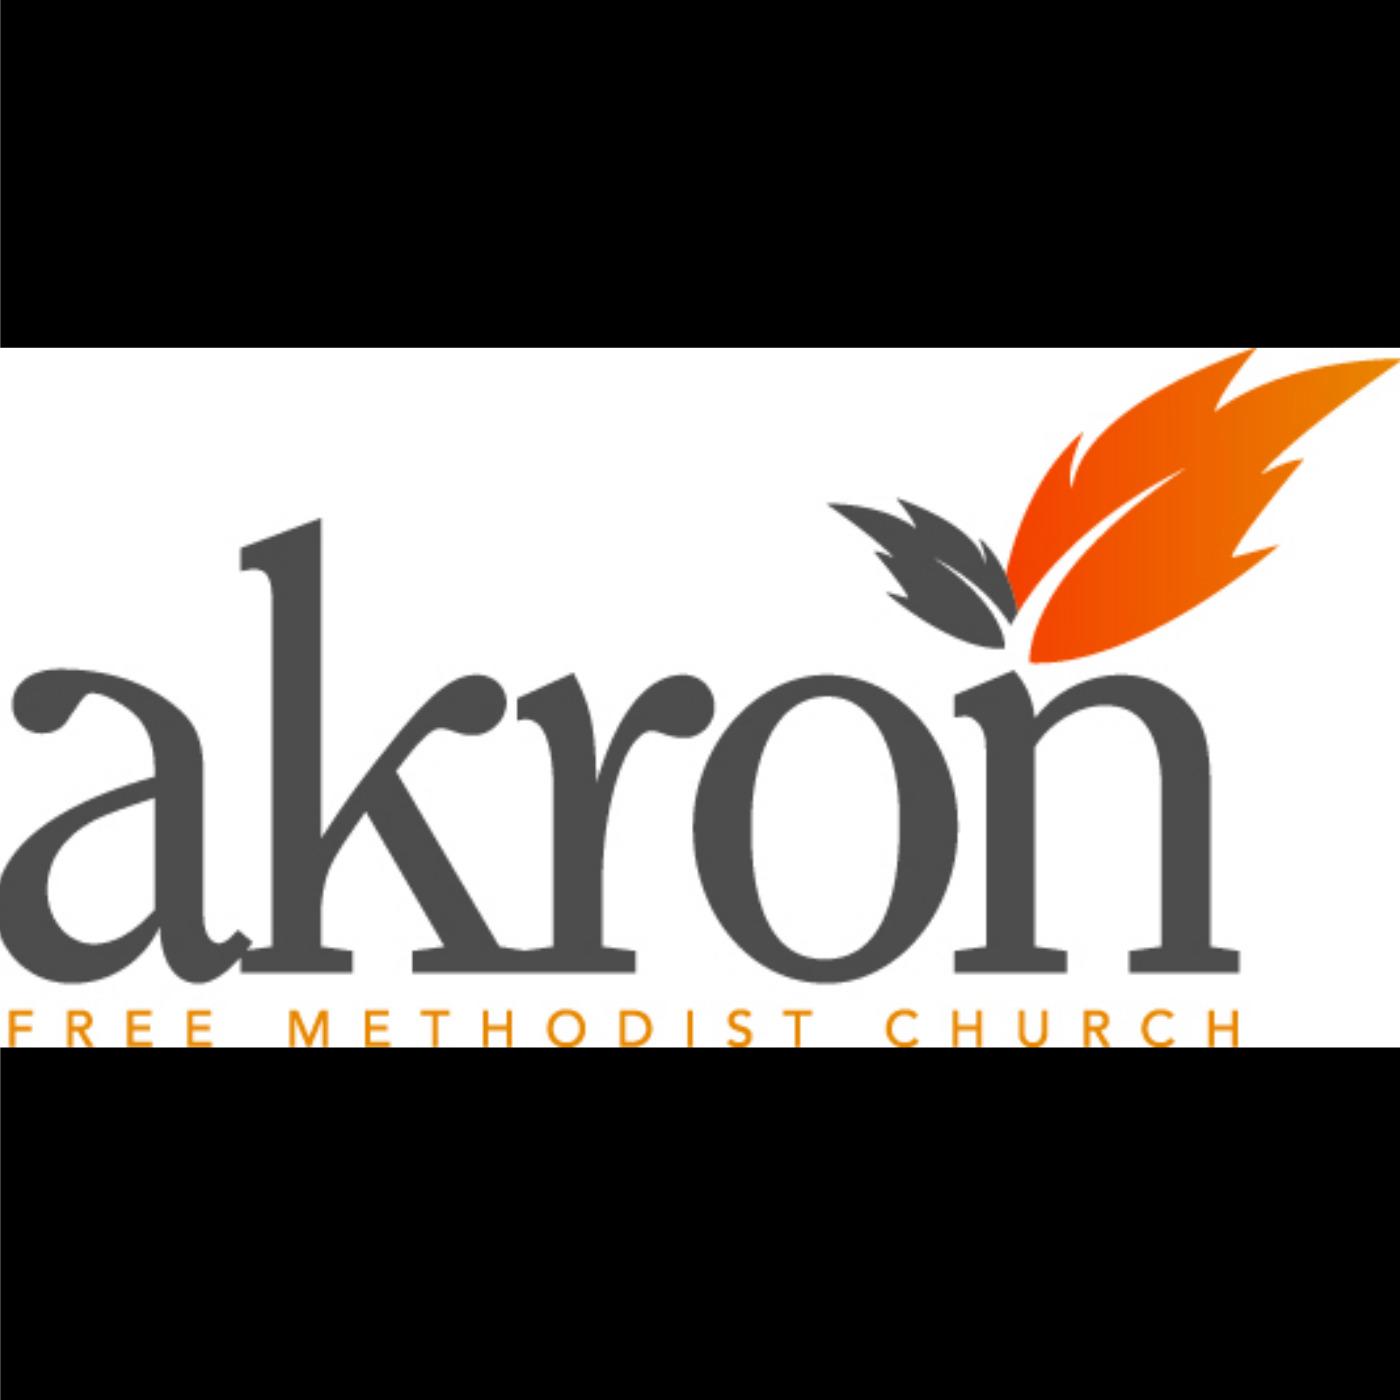 Akron Free Methodist Church